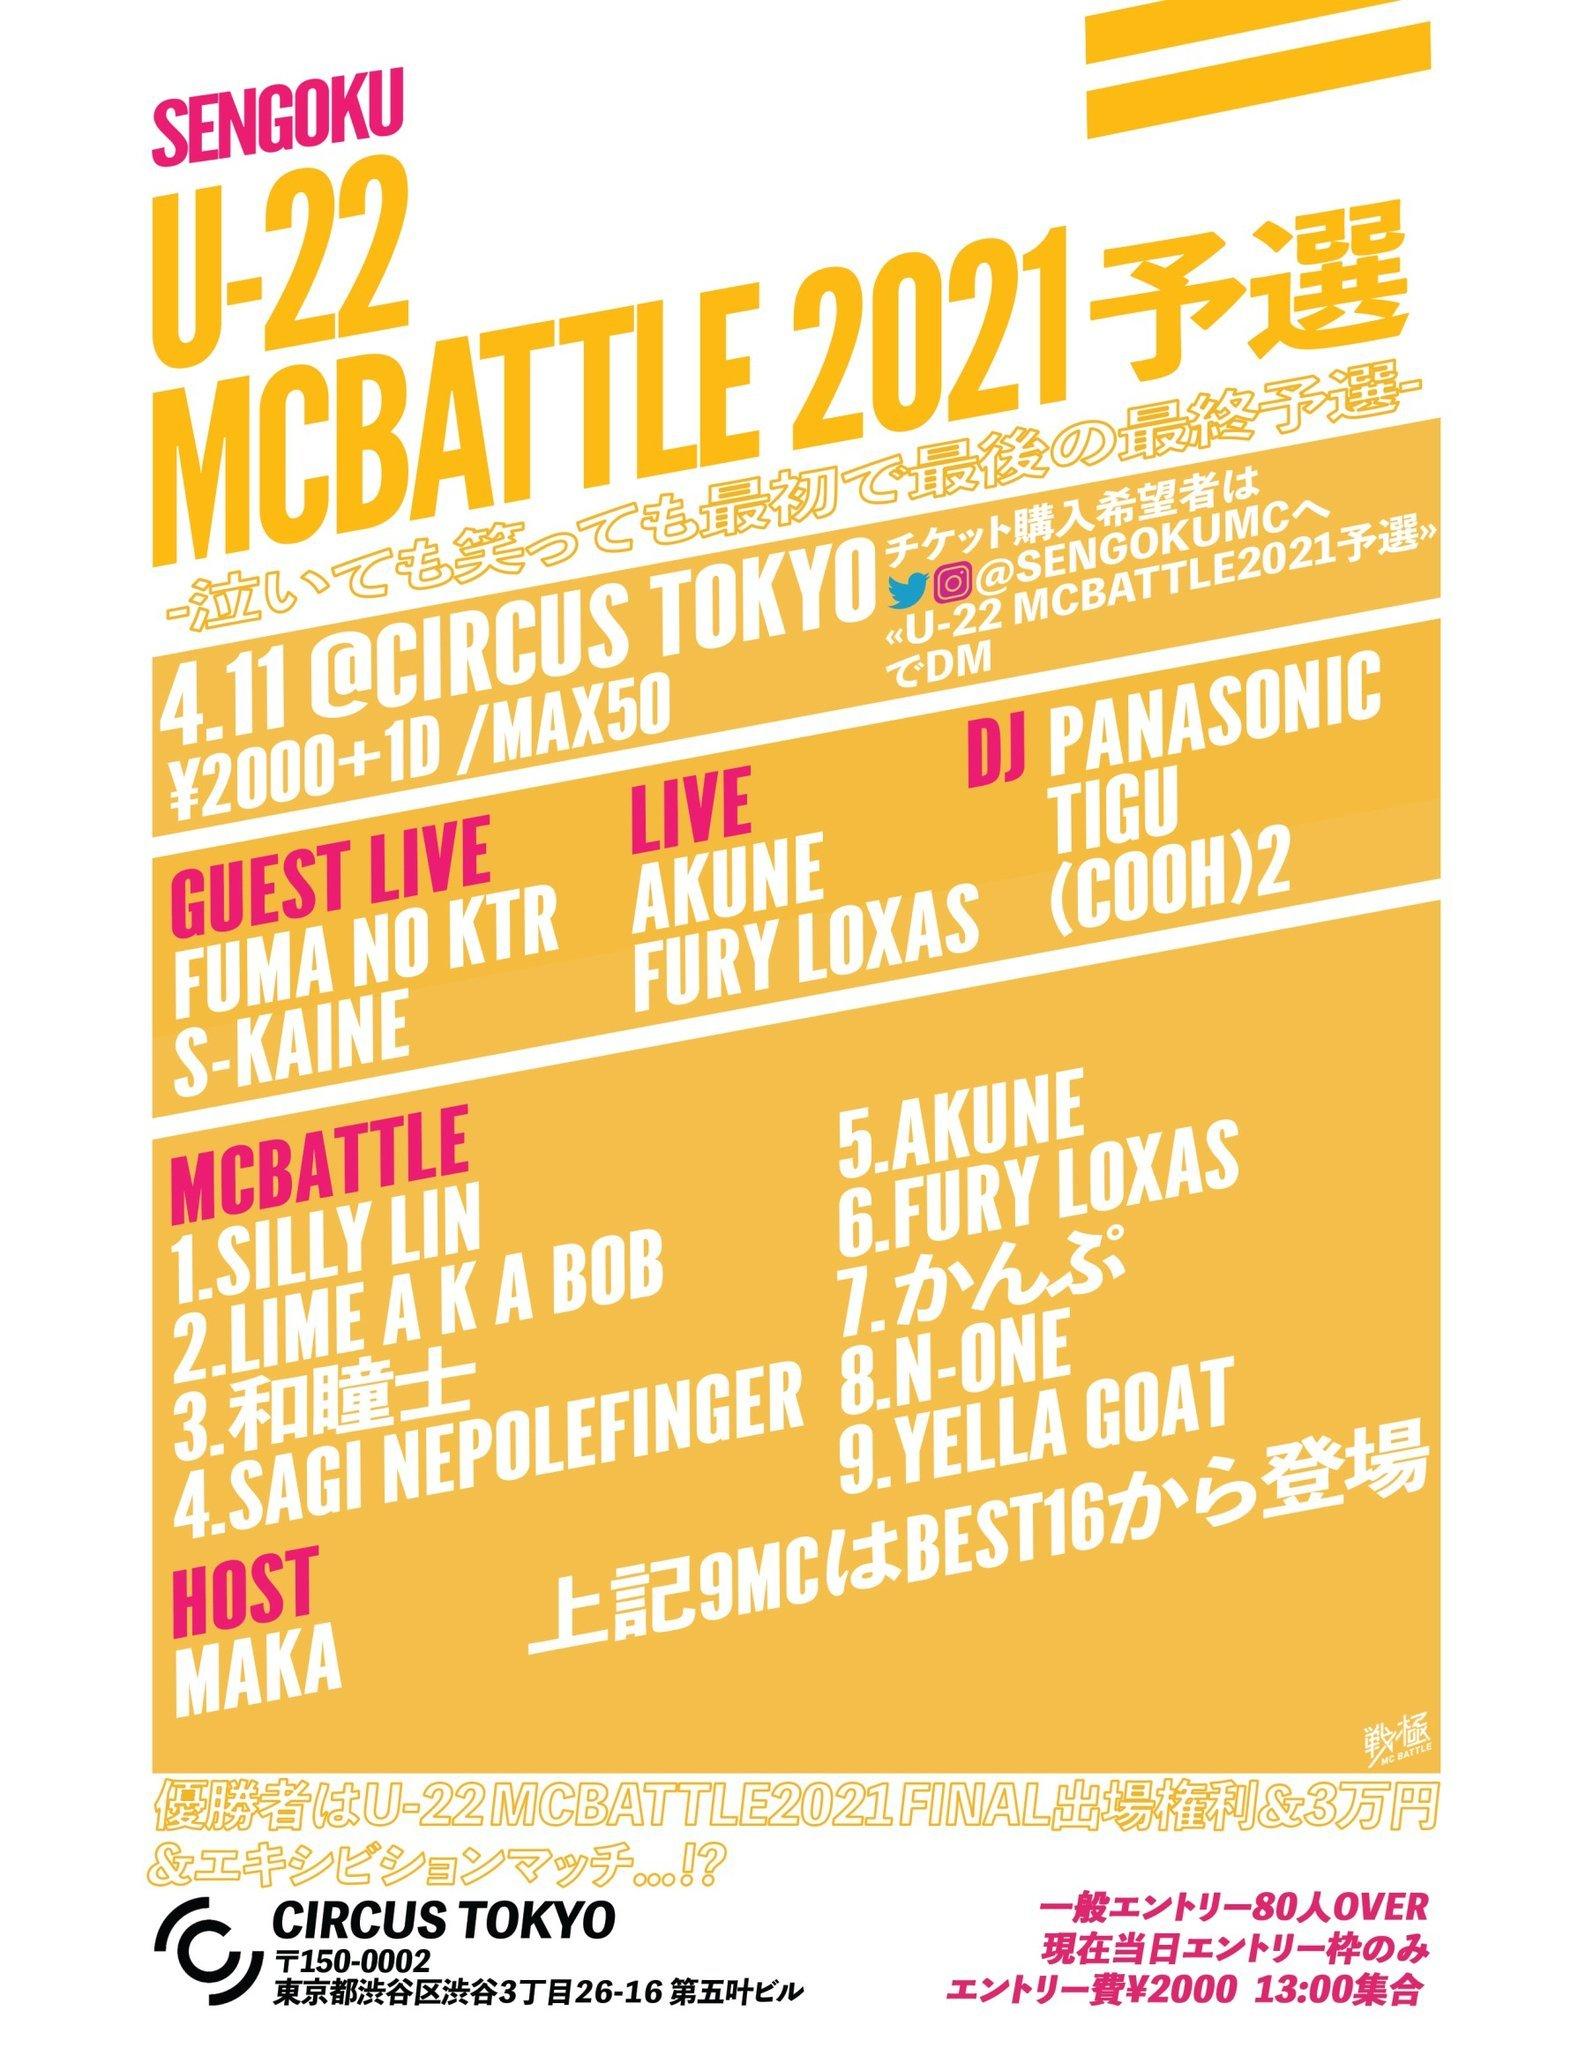 4/11 U-22 MCBATTLE2021 最終予選 シードMCはYellagoatが追加!全出演者発表_e0246863_15013047.jpg